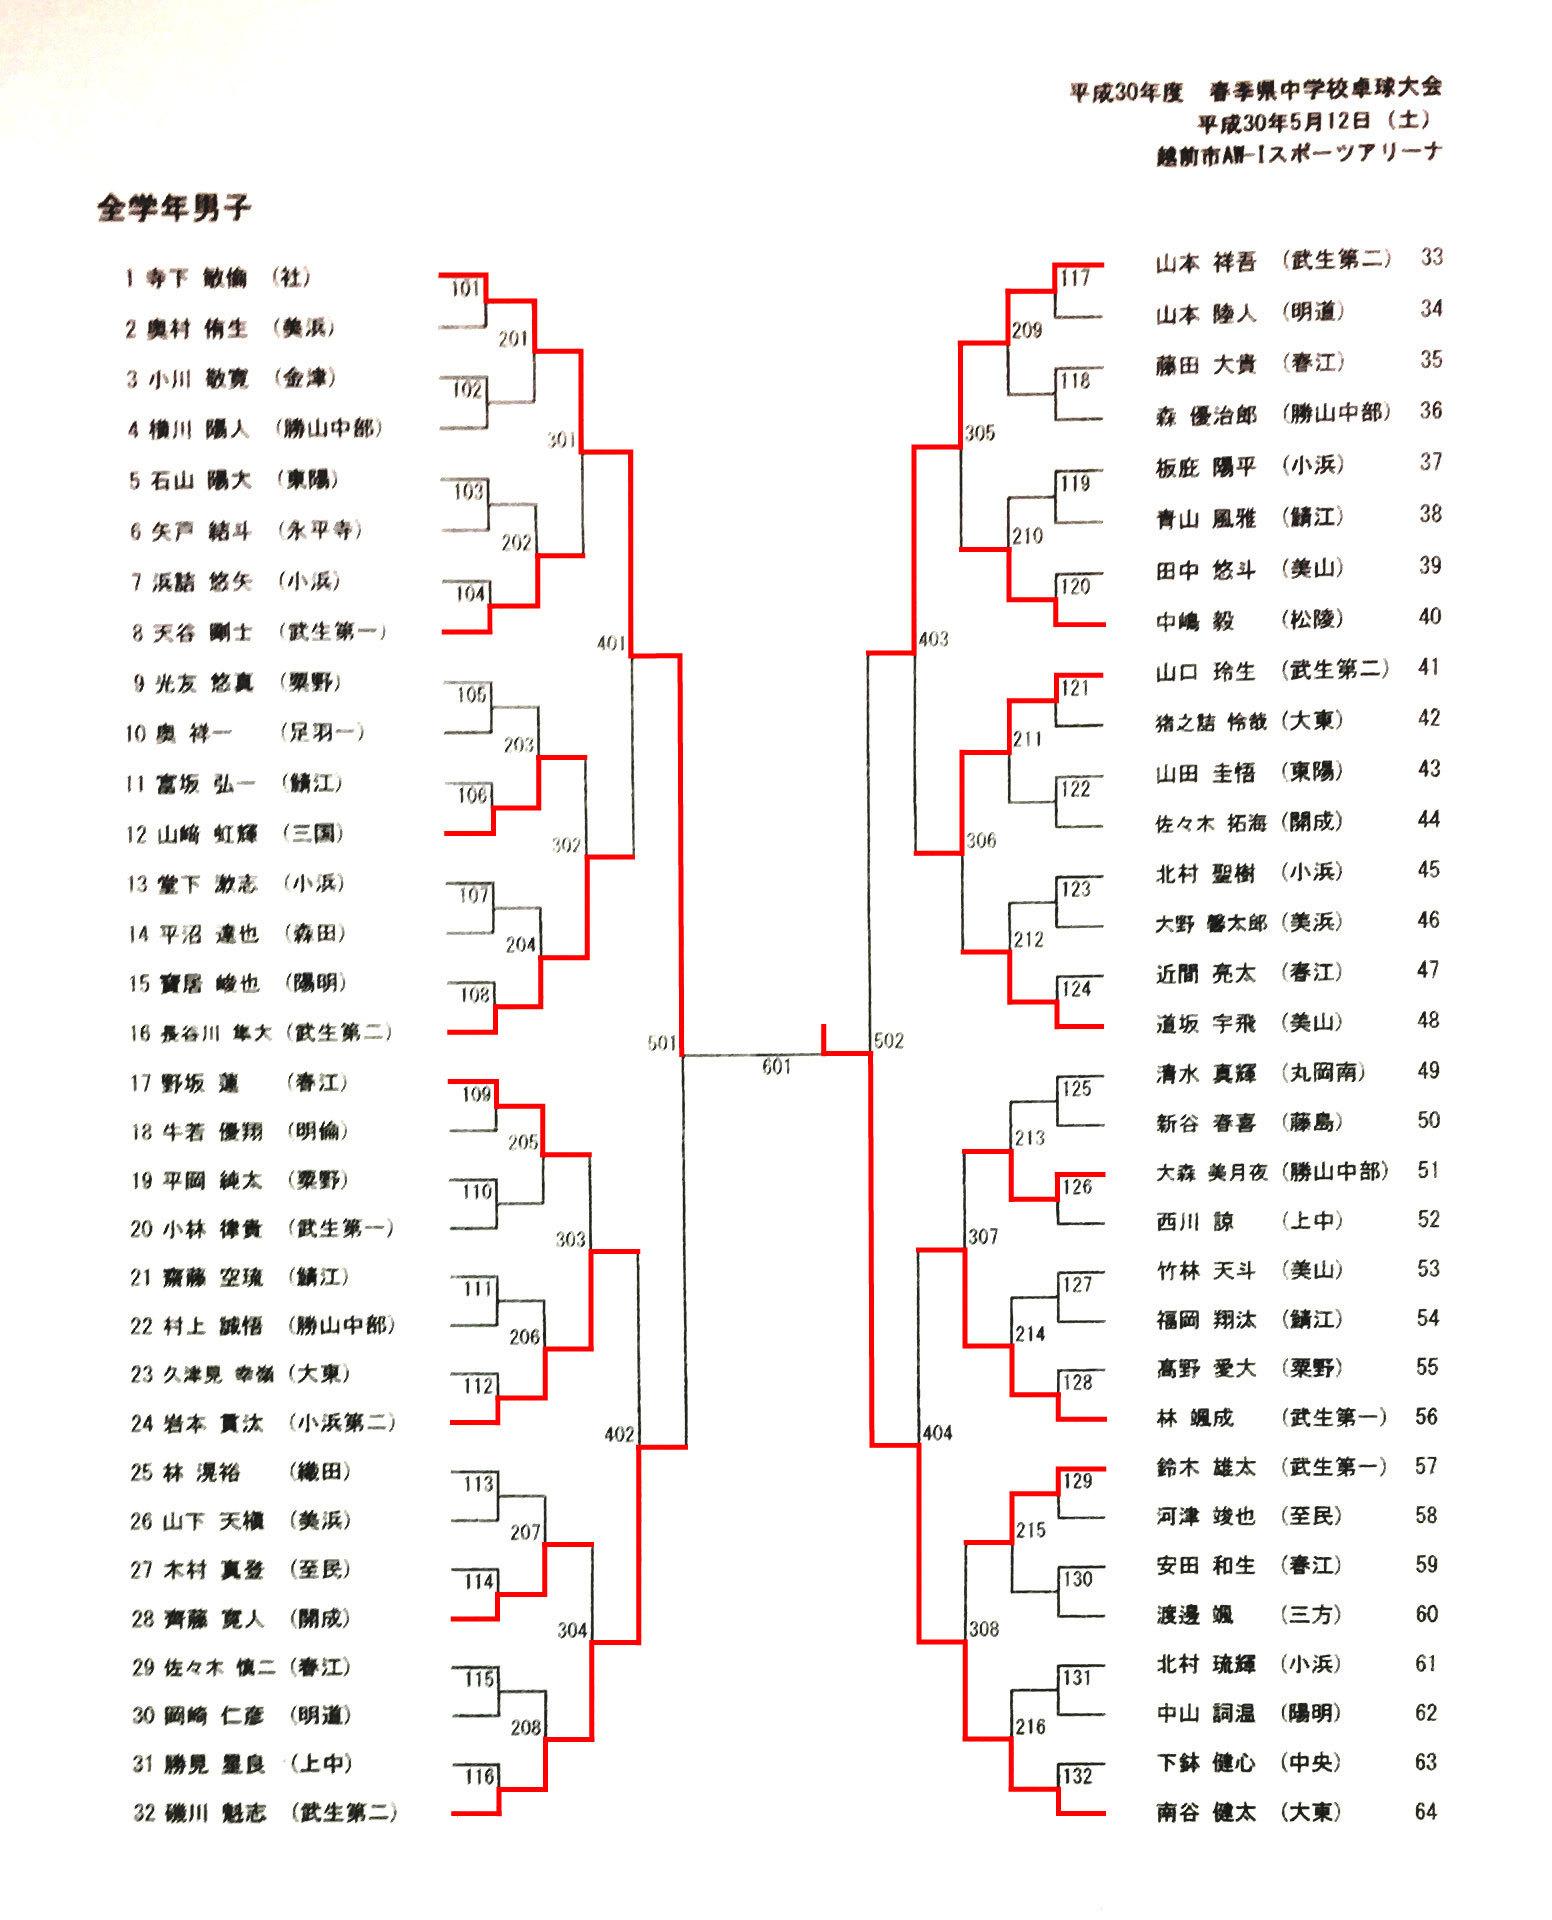 20180512_春季県中学校卓球大会(中体連)個人結果